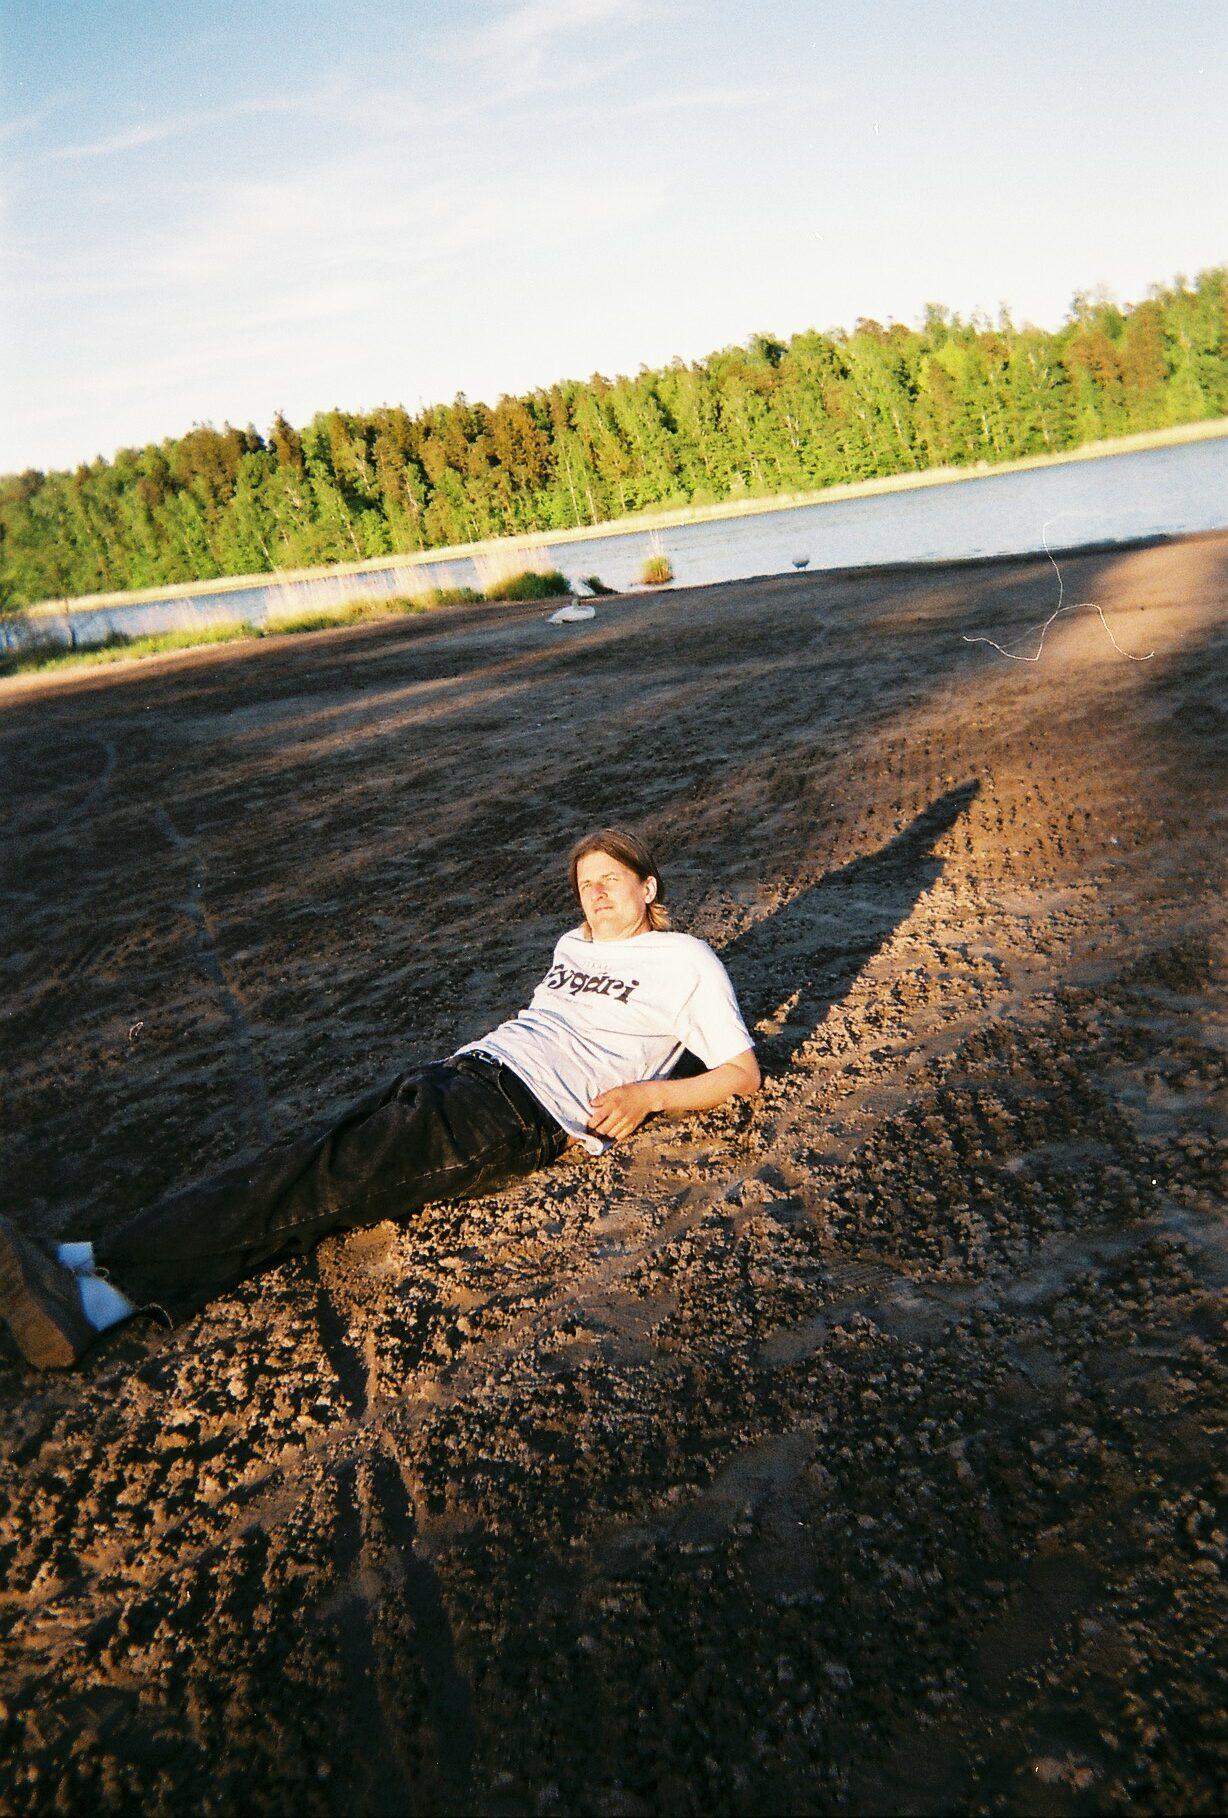 Tuottajana tunnettu Pykäri siirtyi laulamaan itse, albumi julkaistaan 18.6.